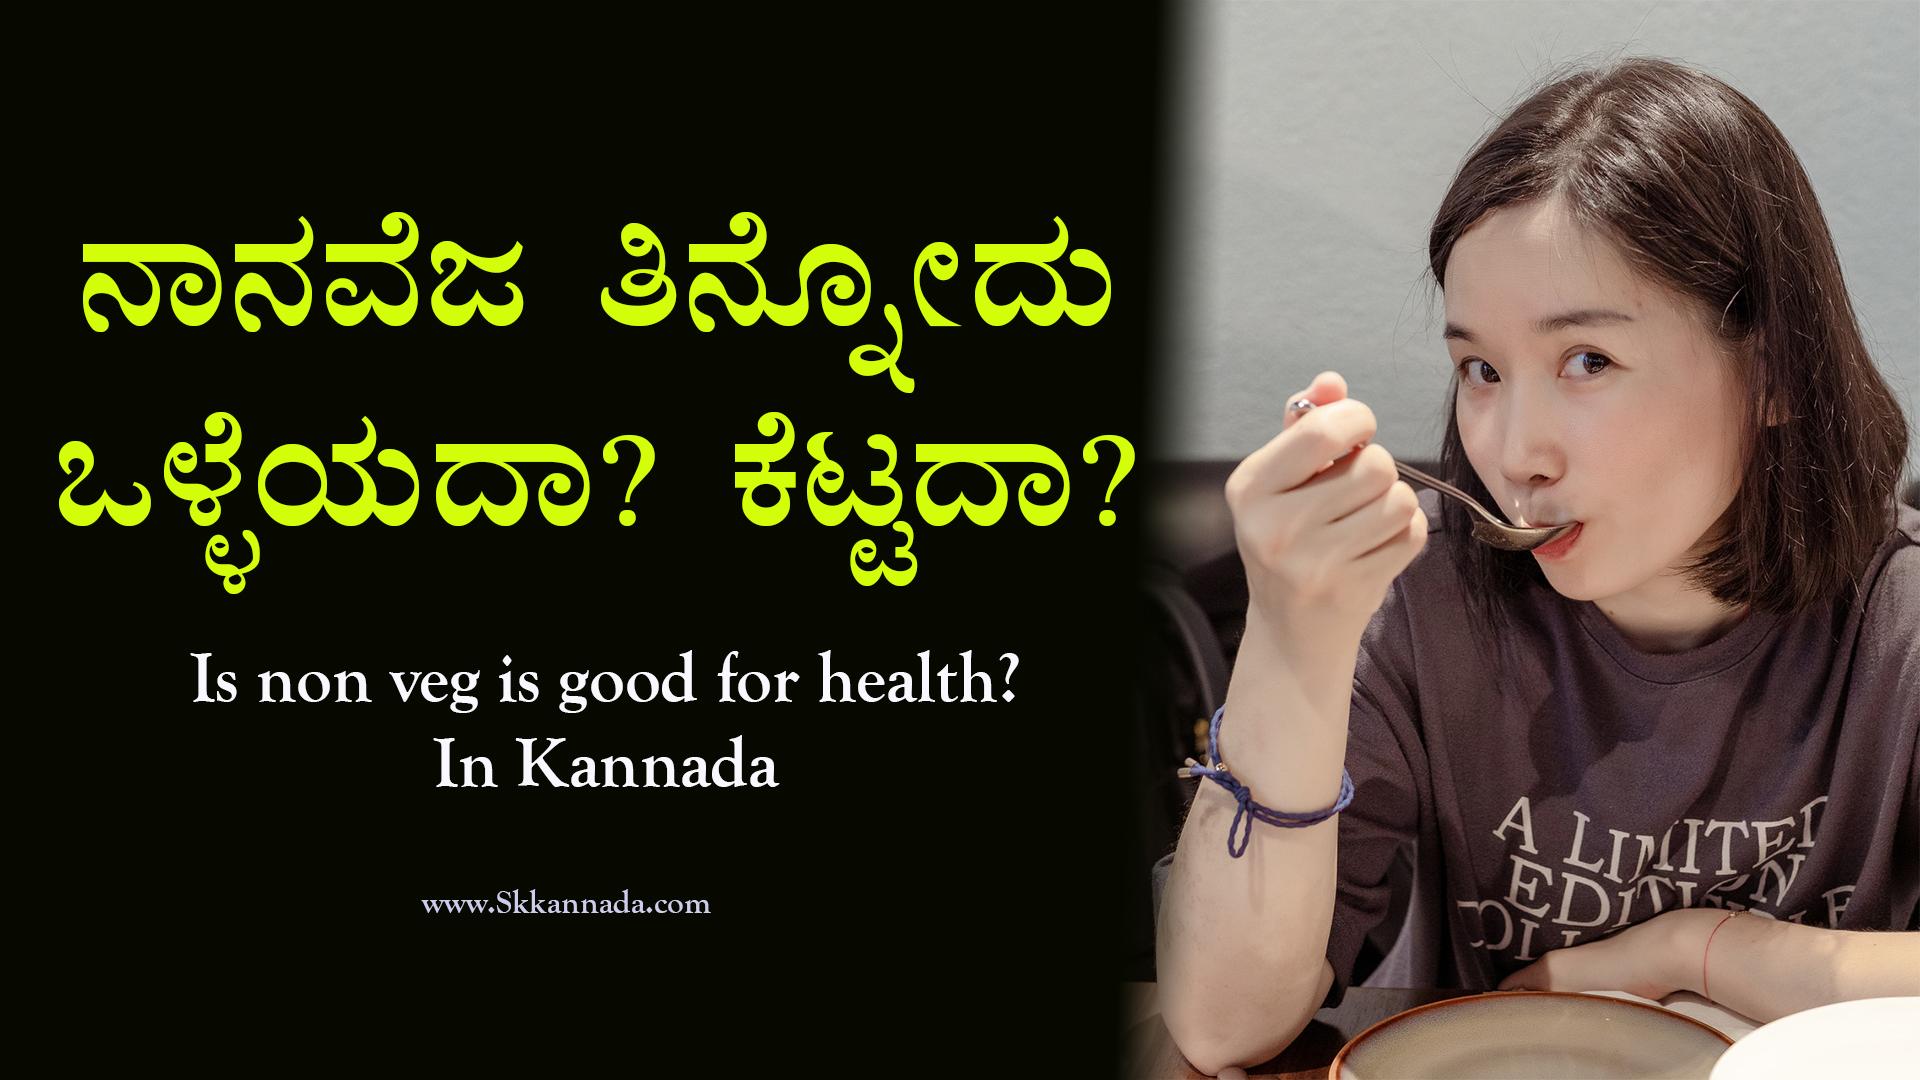 ನಾನವೆಜ ತಿನ್ನೋದು ಒಳ್ಳೆಯದಾ ಕೆಟ್ಟದಾ? Is non veg is good for health? In Kannada